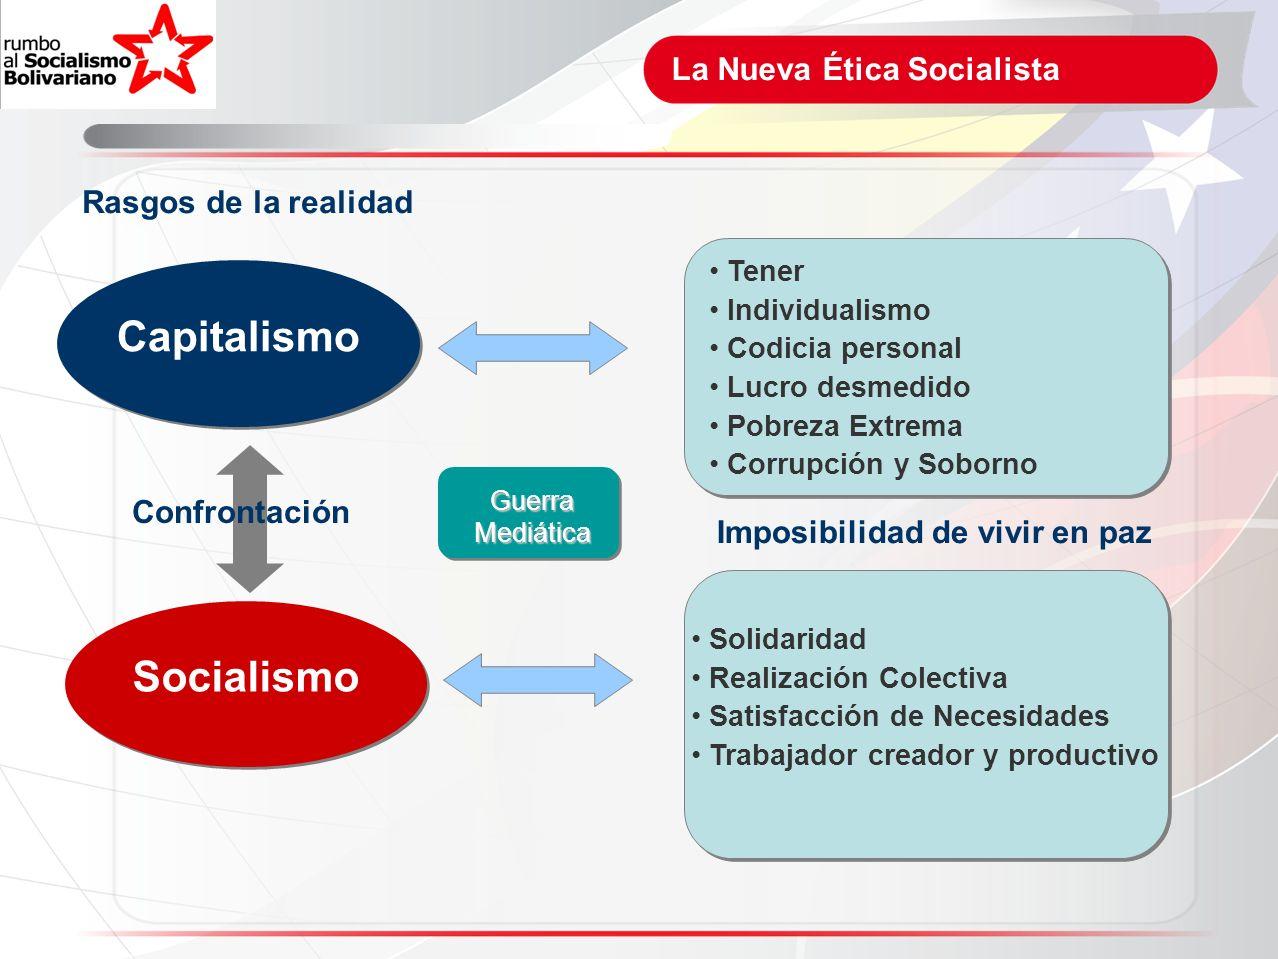 La Nueva Ética Socialista La nueva Ética Socialista: superación de la ética del capital Superación Ética del Capital Transformación material de la Sociedad Desarrollo de la espiritualidad Nueva Moral Colectiva Conciencia Revolucionaria